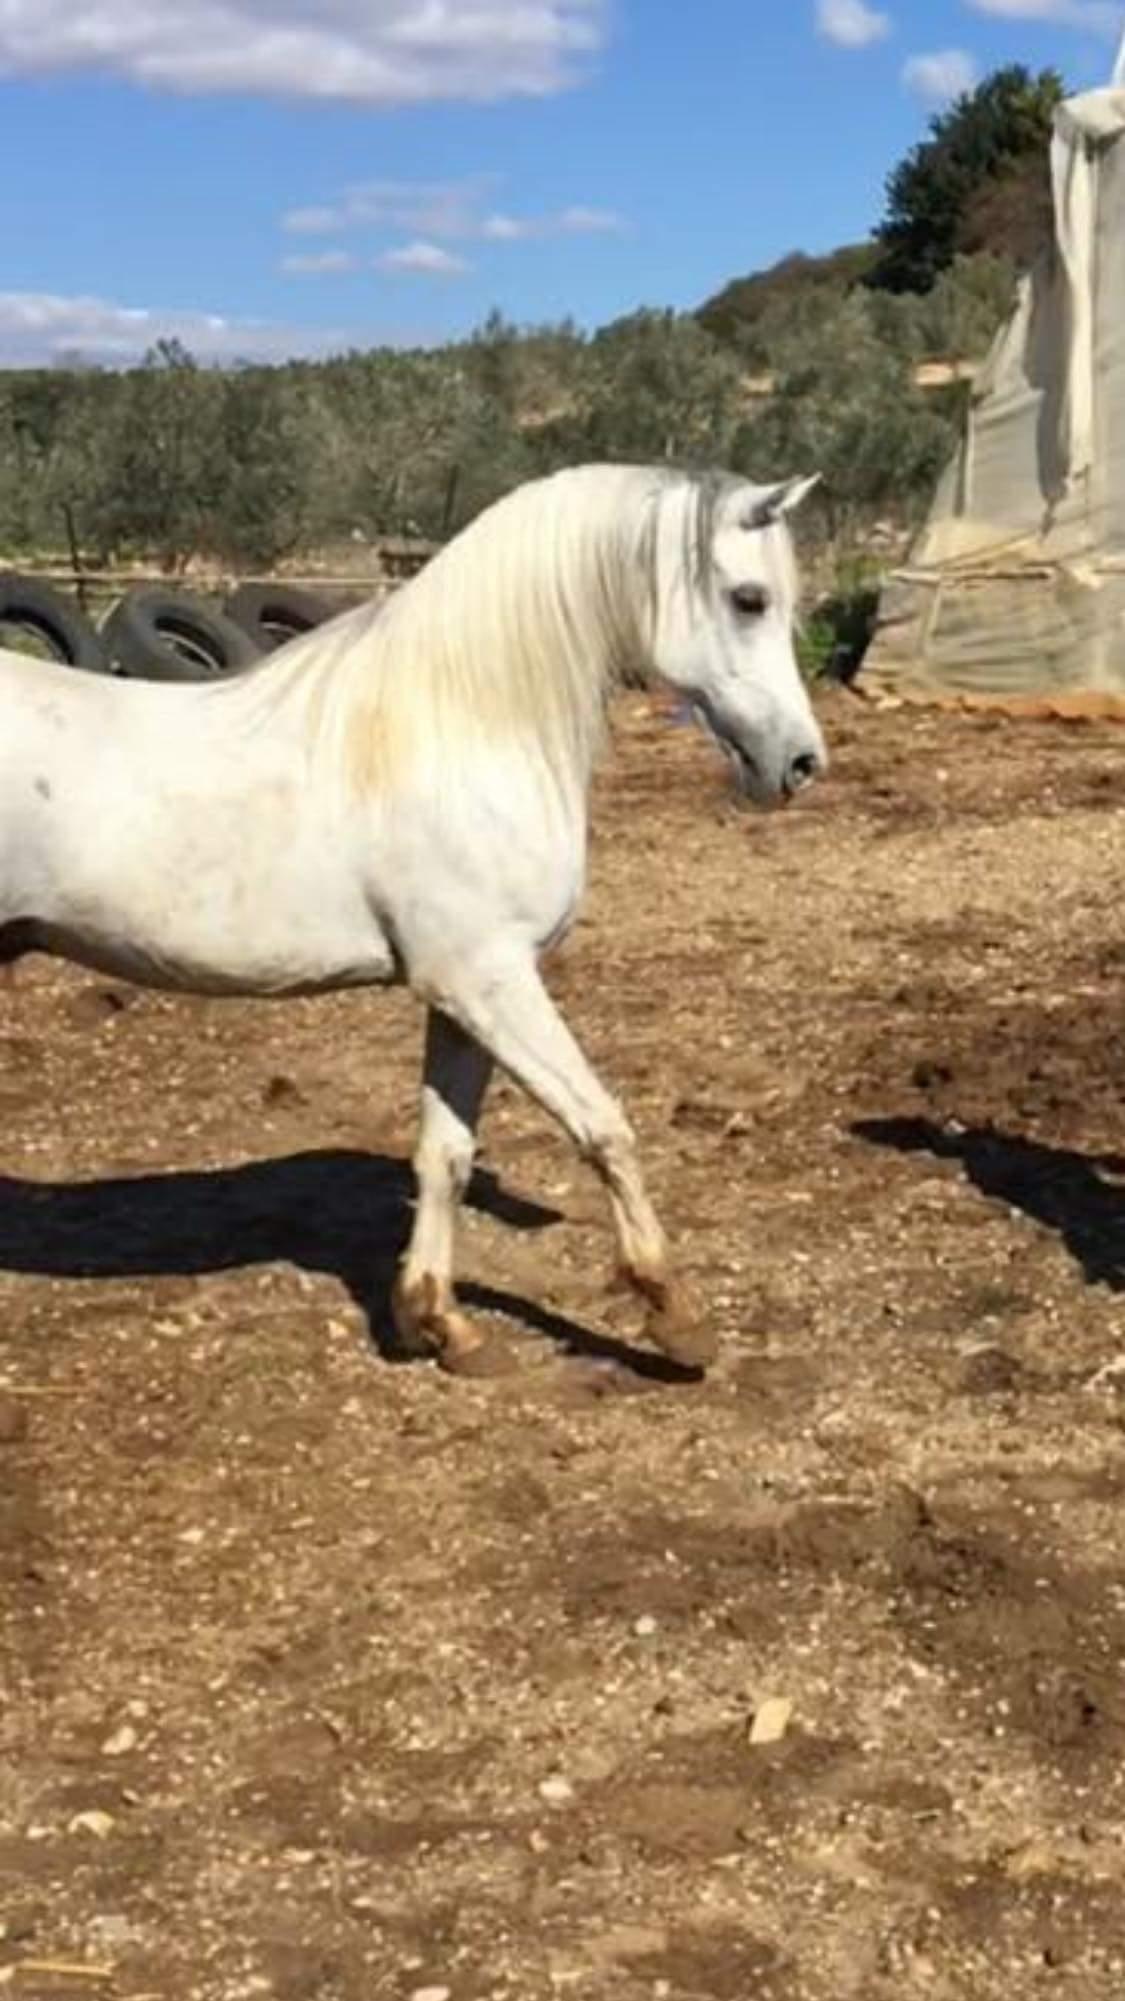 بالصور خيول عربية , اروع الخيول العربية 1099 11